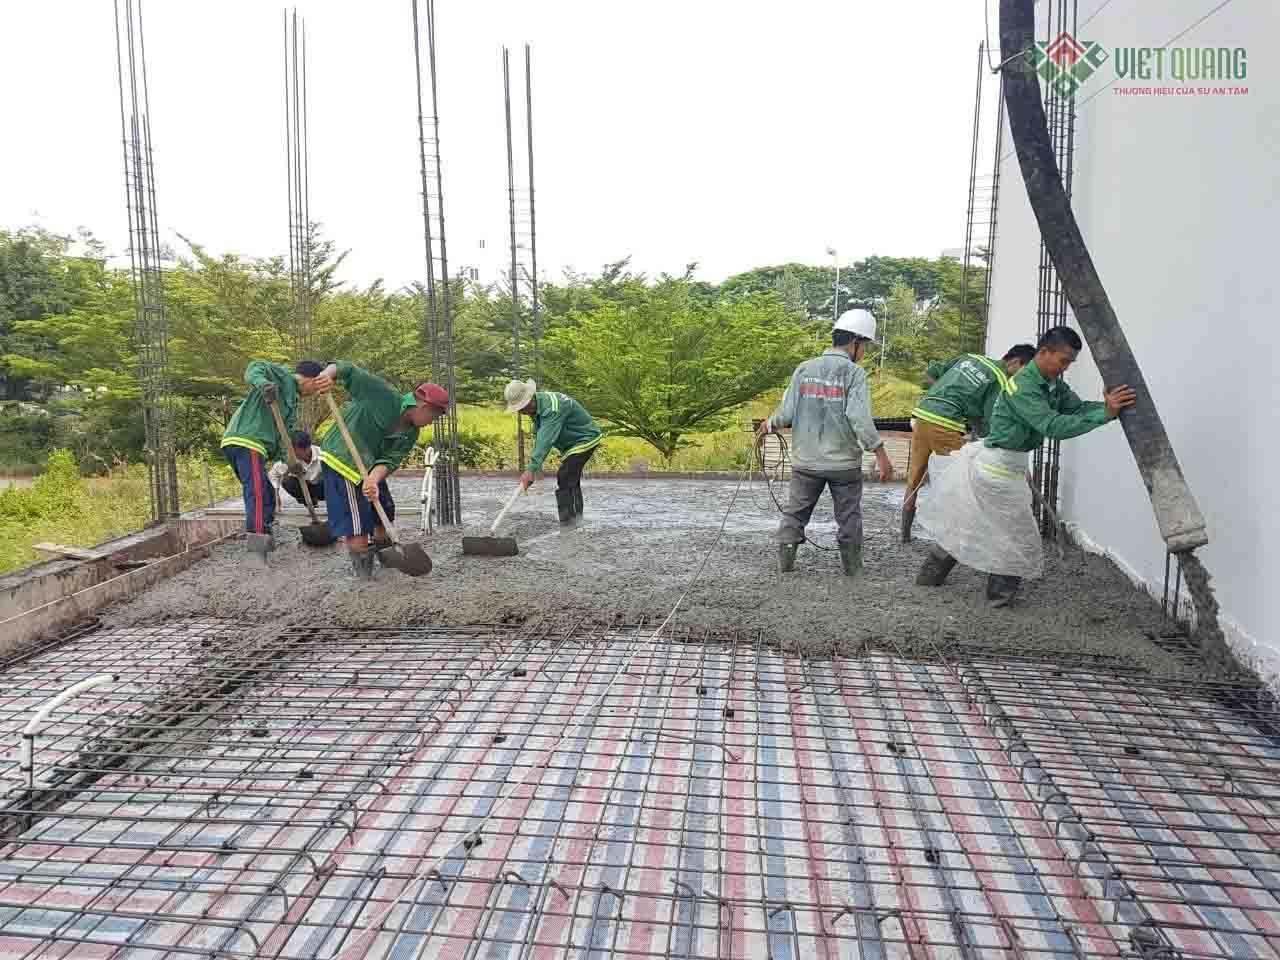 Bê tông cần được tưới nước để giúp quá trình thủy hóa xi măng được diễn ra thuận lợi